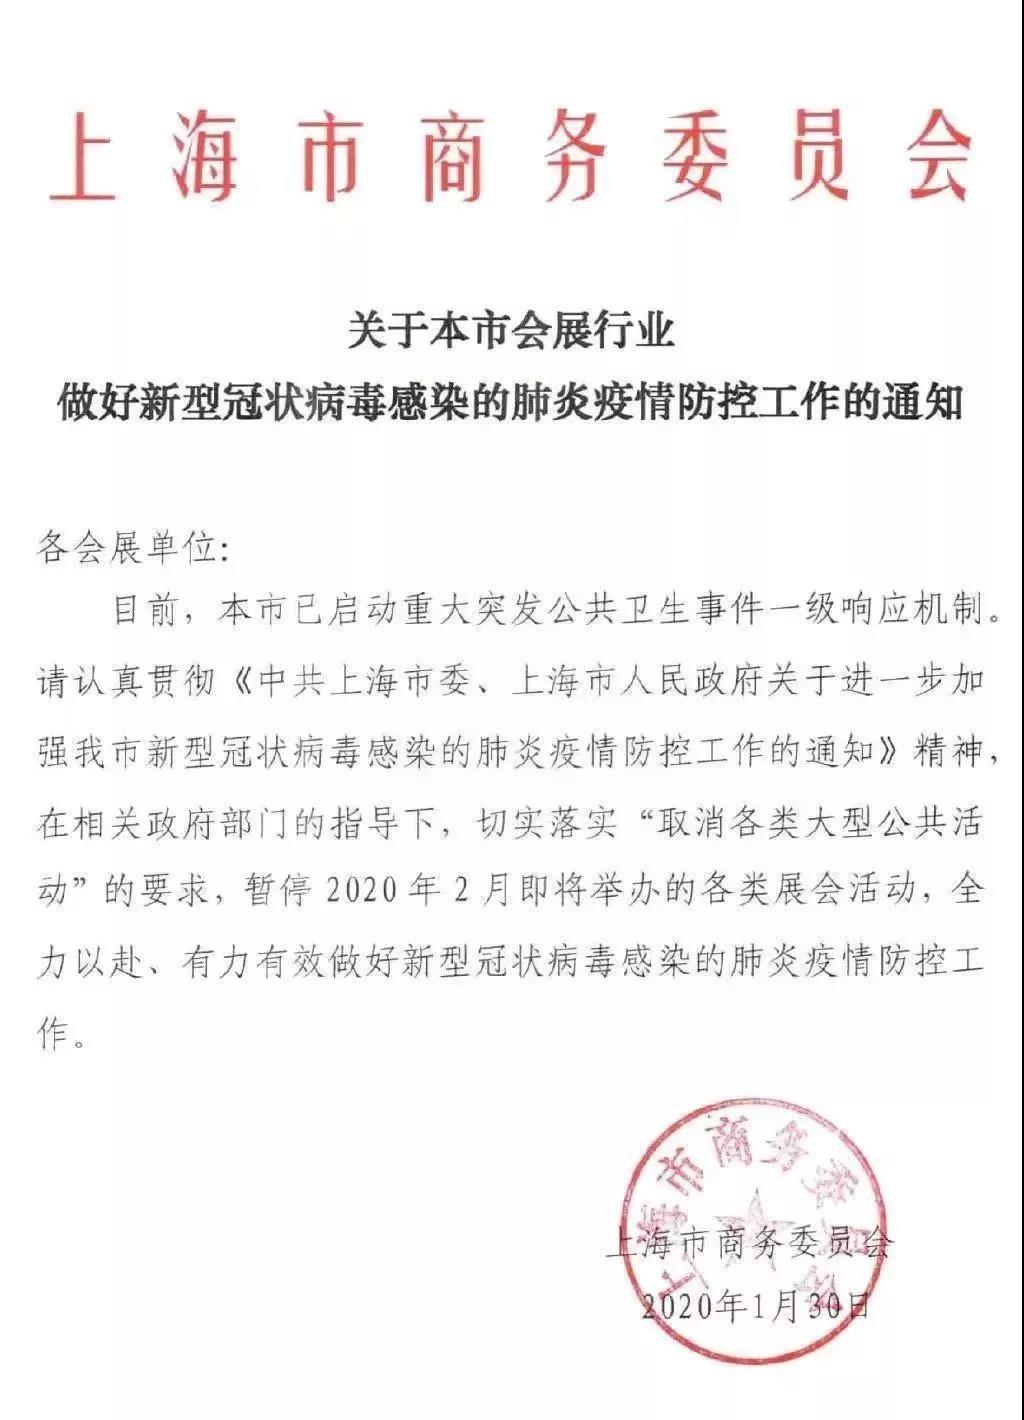 上海国际游艇展 生活方式上海秀,关于2020年上海国际游艇展和生活方式上海秀的通告